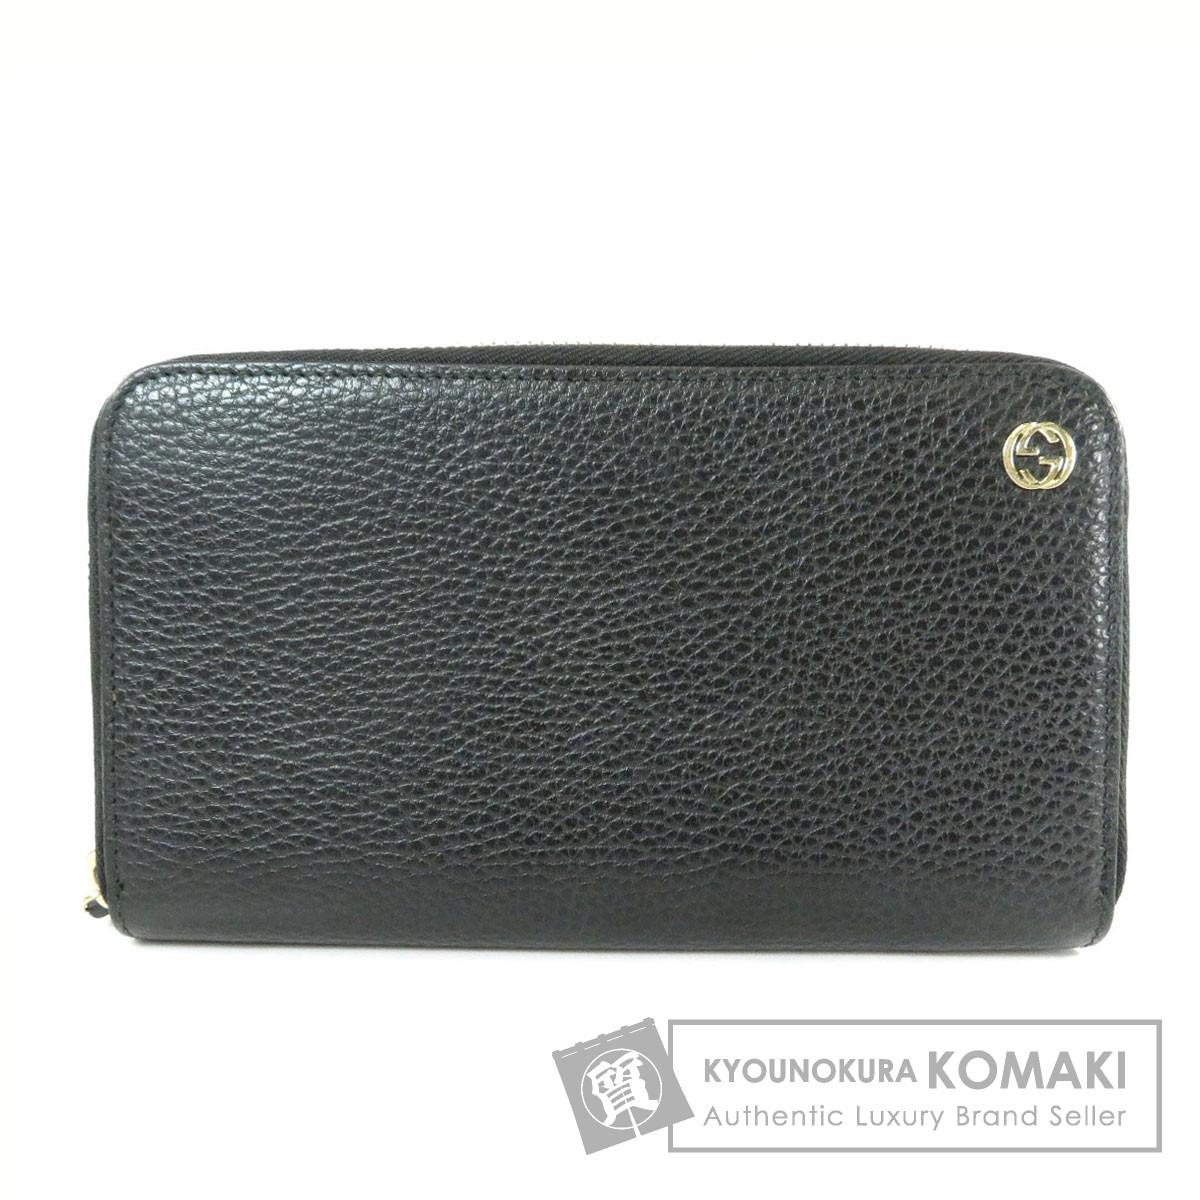 288bdf8569e371 Kyonokura Komaki Brand Cheapest Challenger: Authentic GUCCI 449347 ...